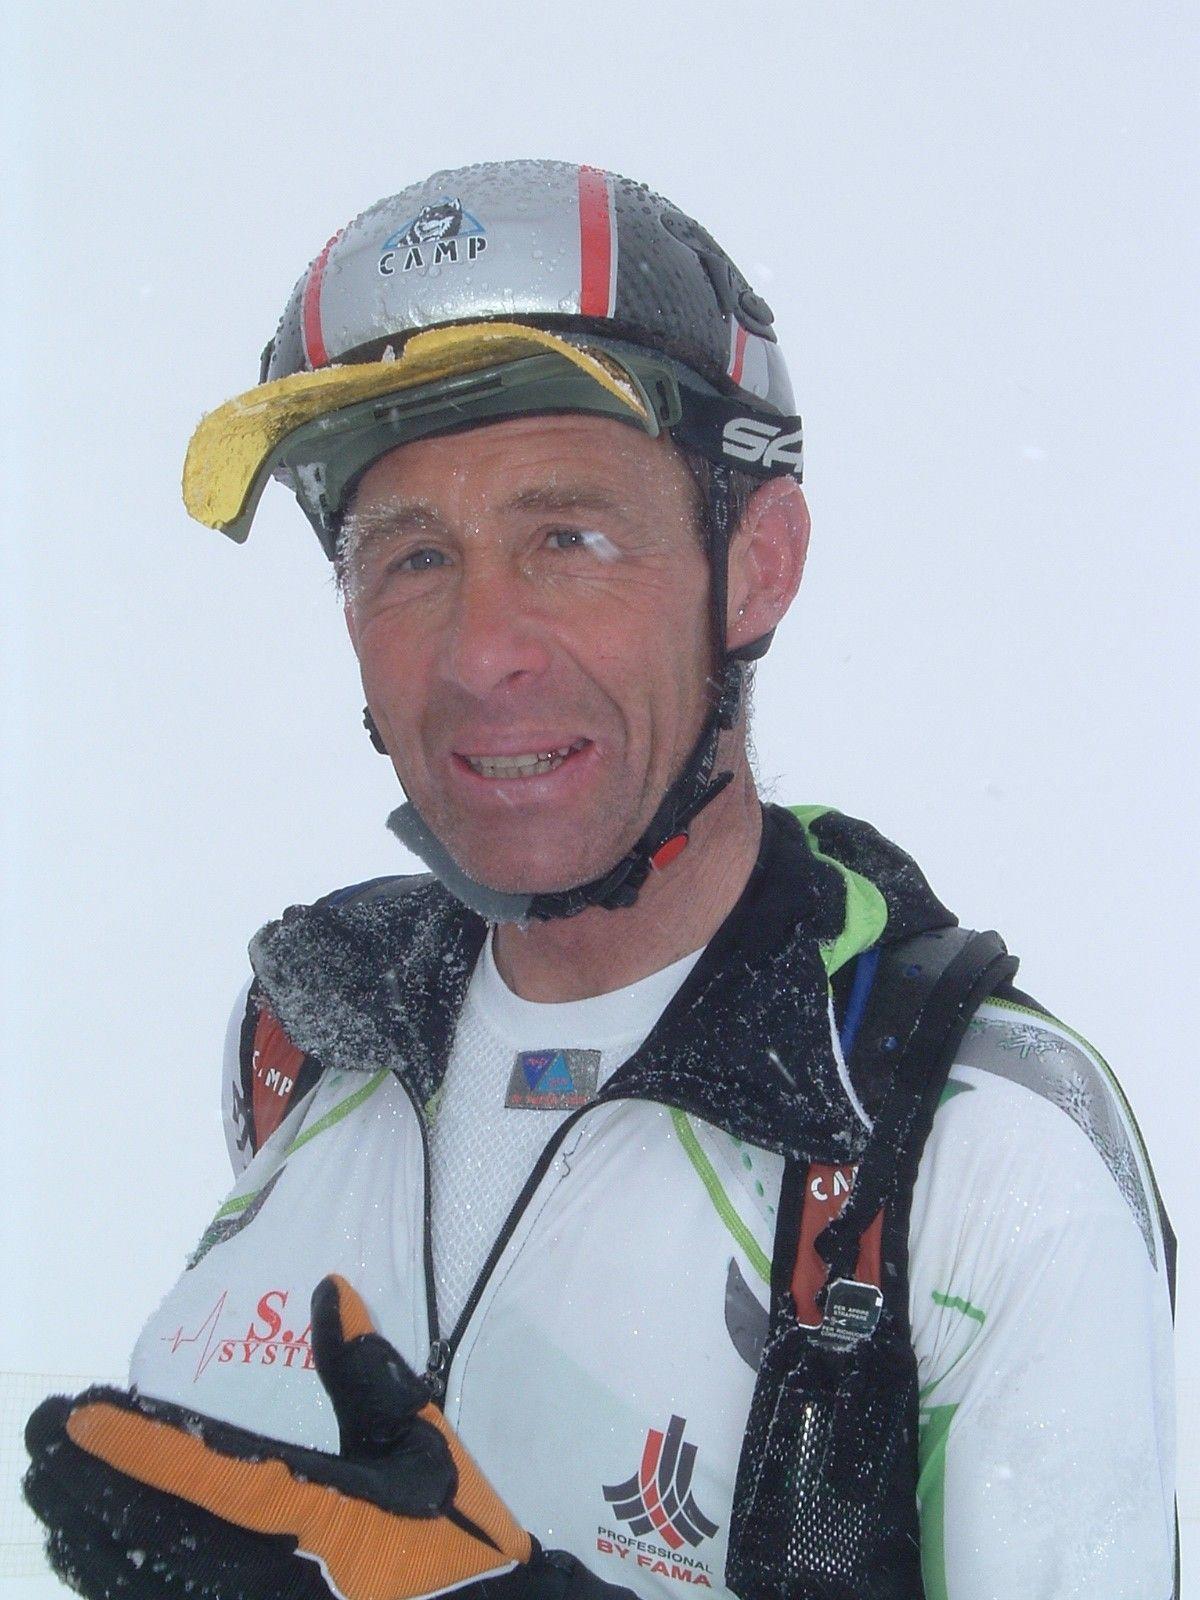 La nazionale italiana giovani di sci alpinismo al 17° Memorial Fabio Stedile, Passo Rolle